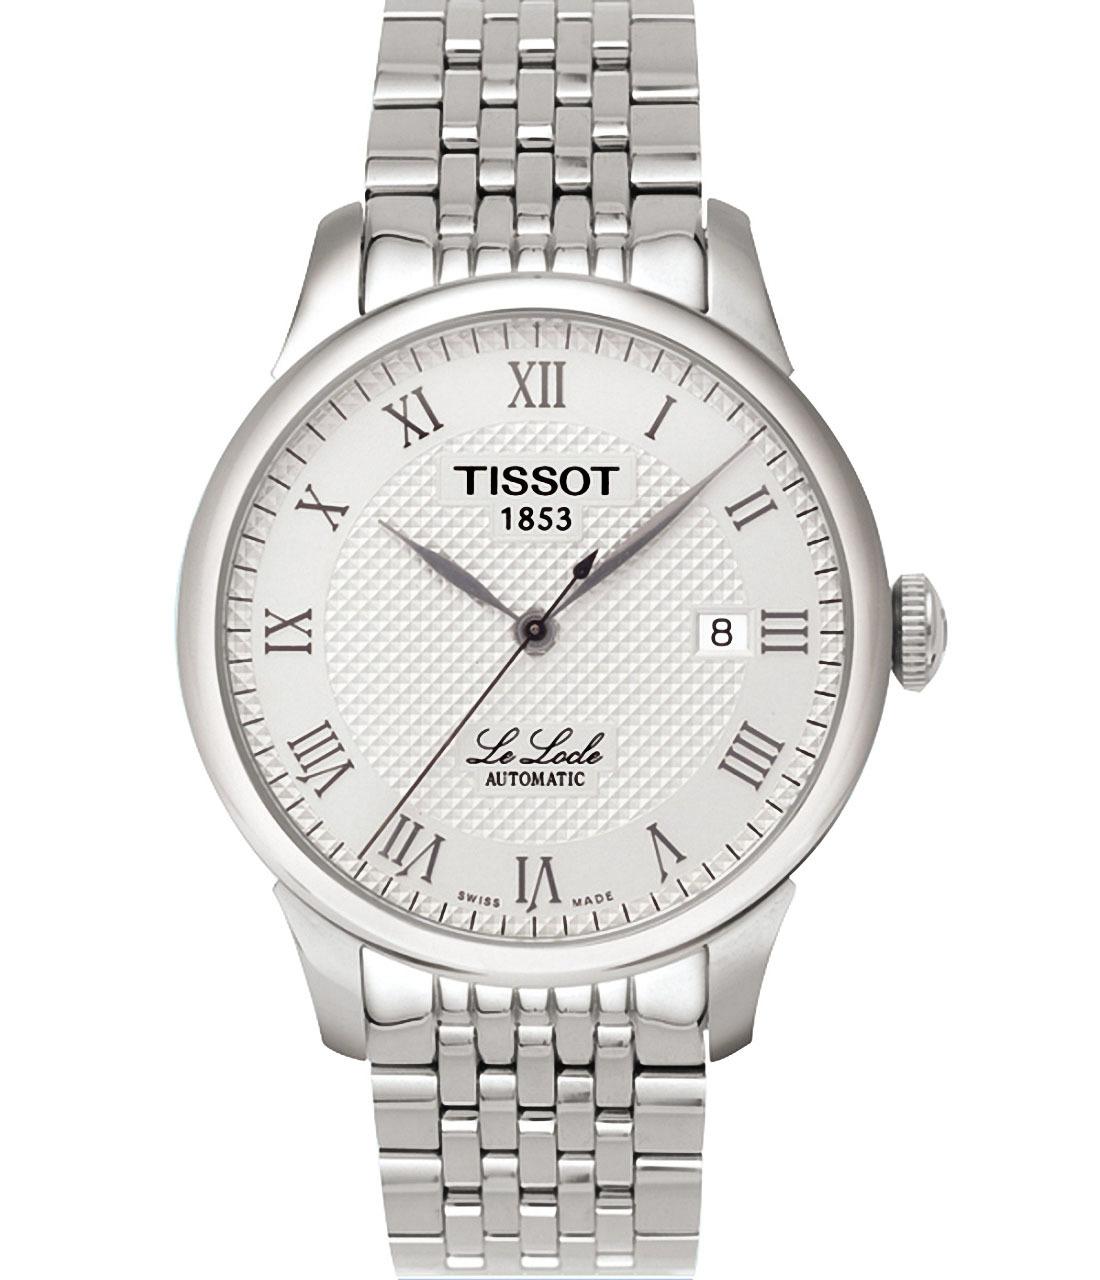 Наручные часы Tissot Le Locle T41.1.483.33- купить по цене 211960.0 ... 71a26934d40c2